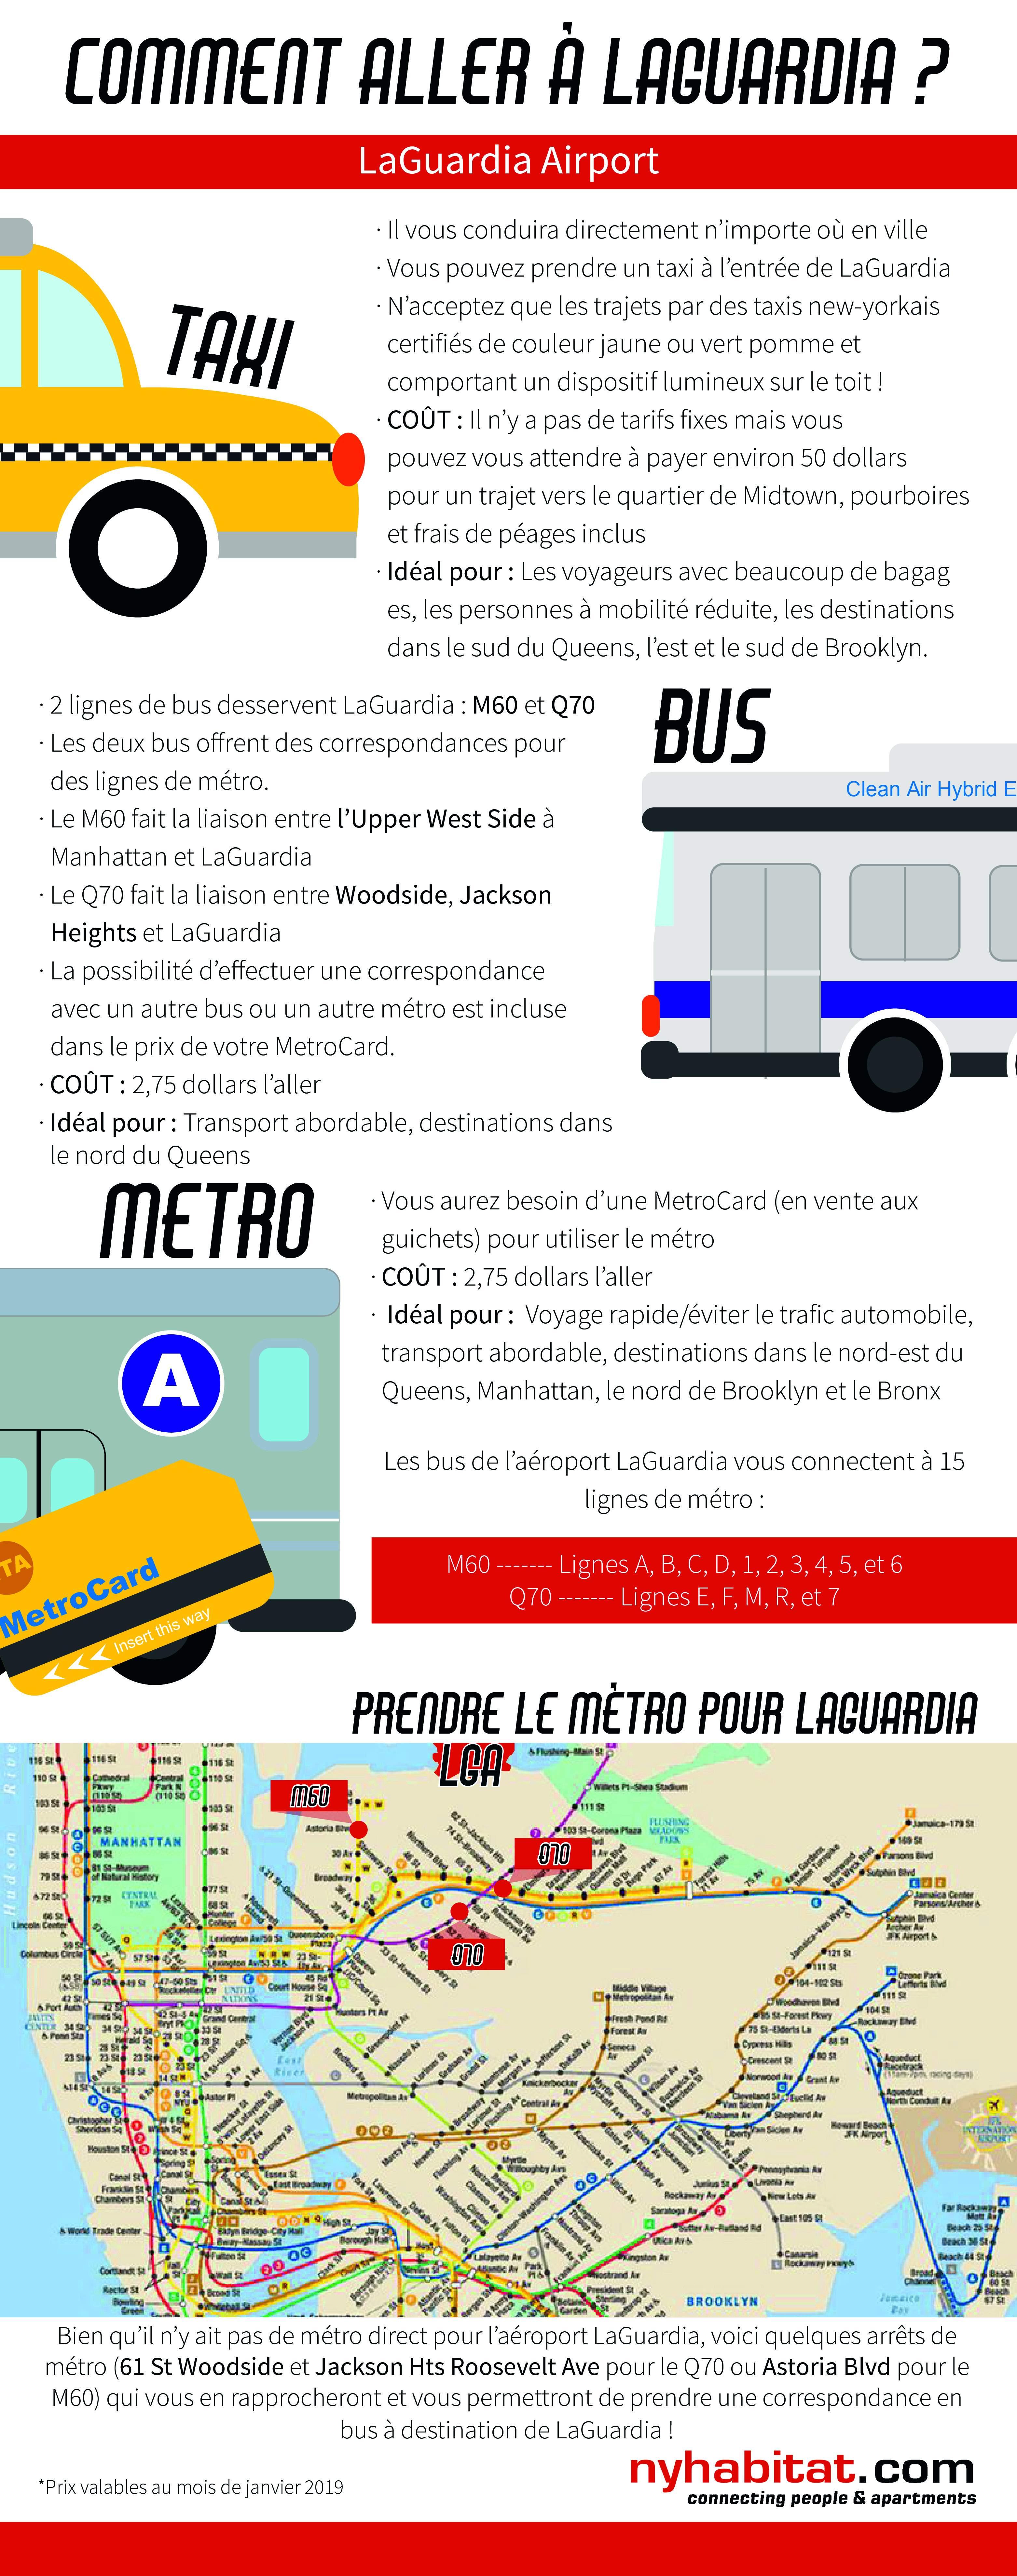 Graphique d'information de New York Habitat décrivant les différentes options de transports en commun de l'aéroport LaGuardia incluant le taxi, le bus et le métro.